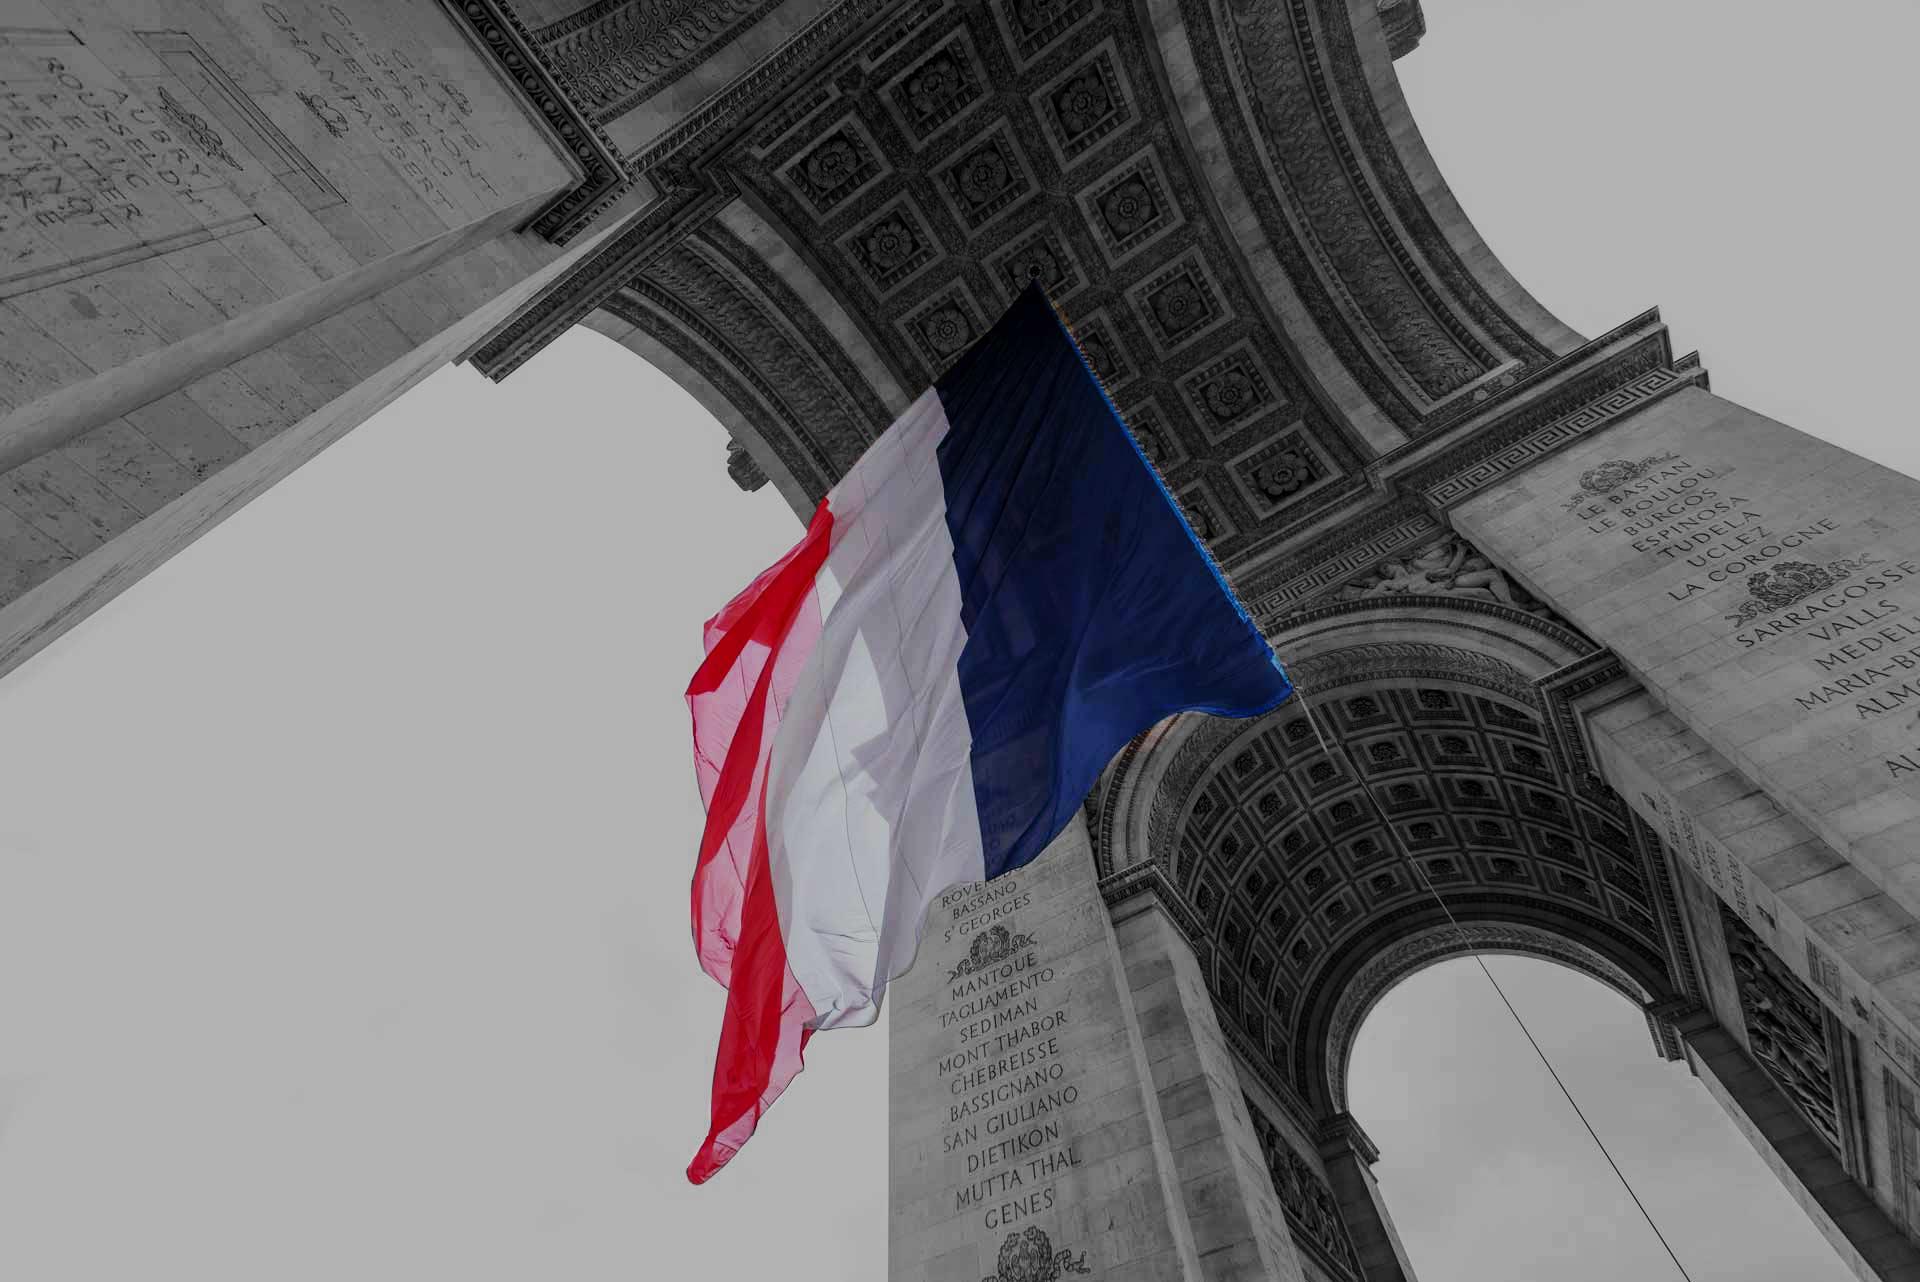 France - La Droite Populaire